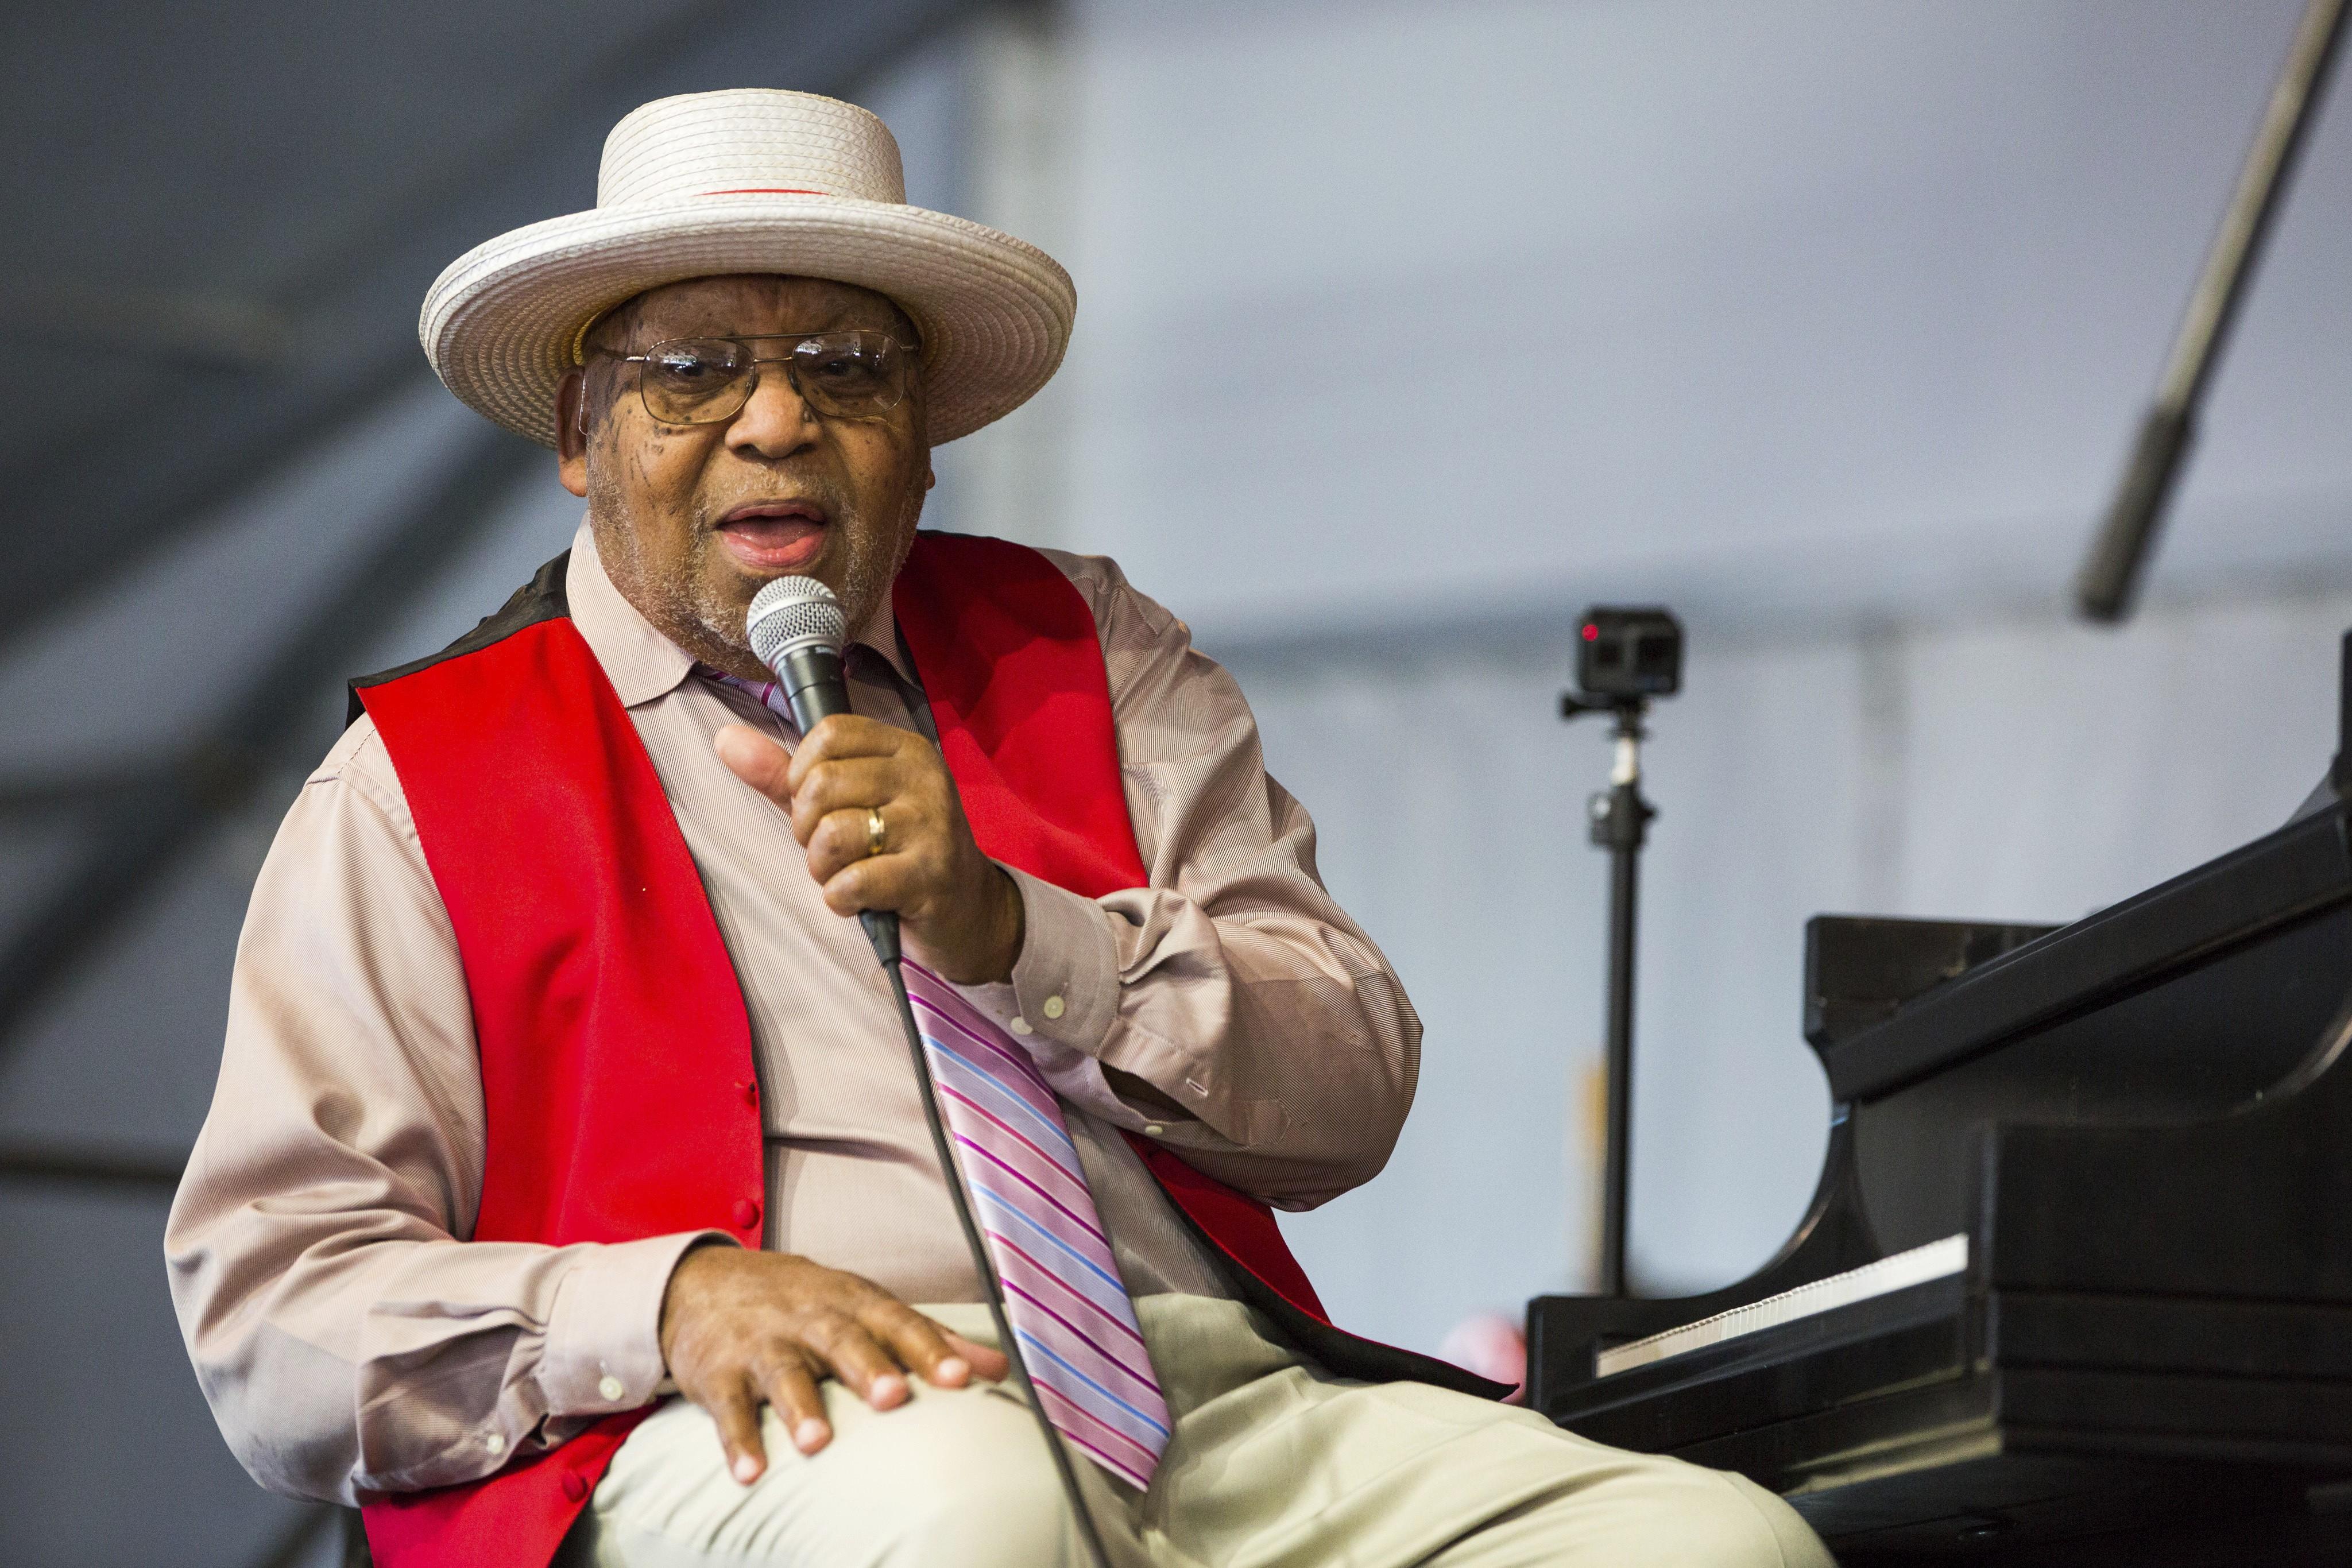 Ellis Marsalis Jr., pianista e um dos pais do jazz, morre aos 85 anos por complicações do coronavírus